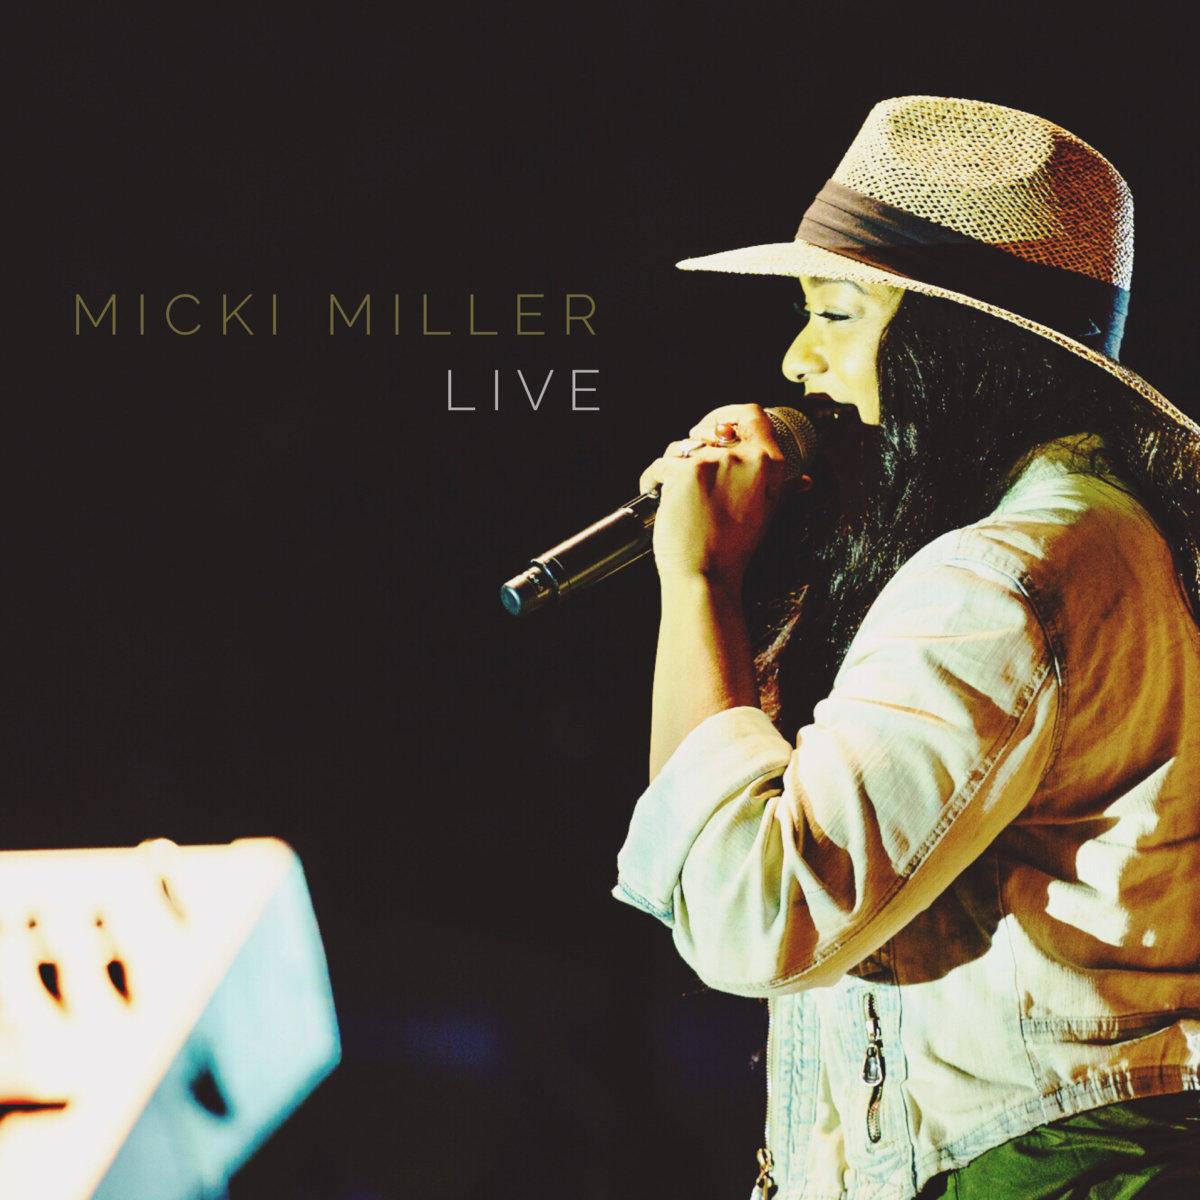 Micki Miller LIVE (2017)